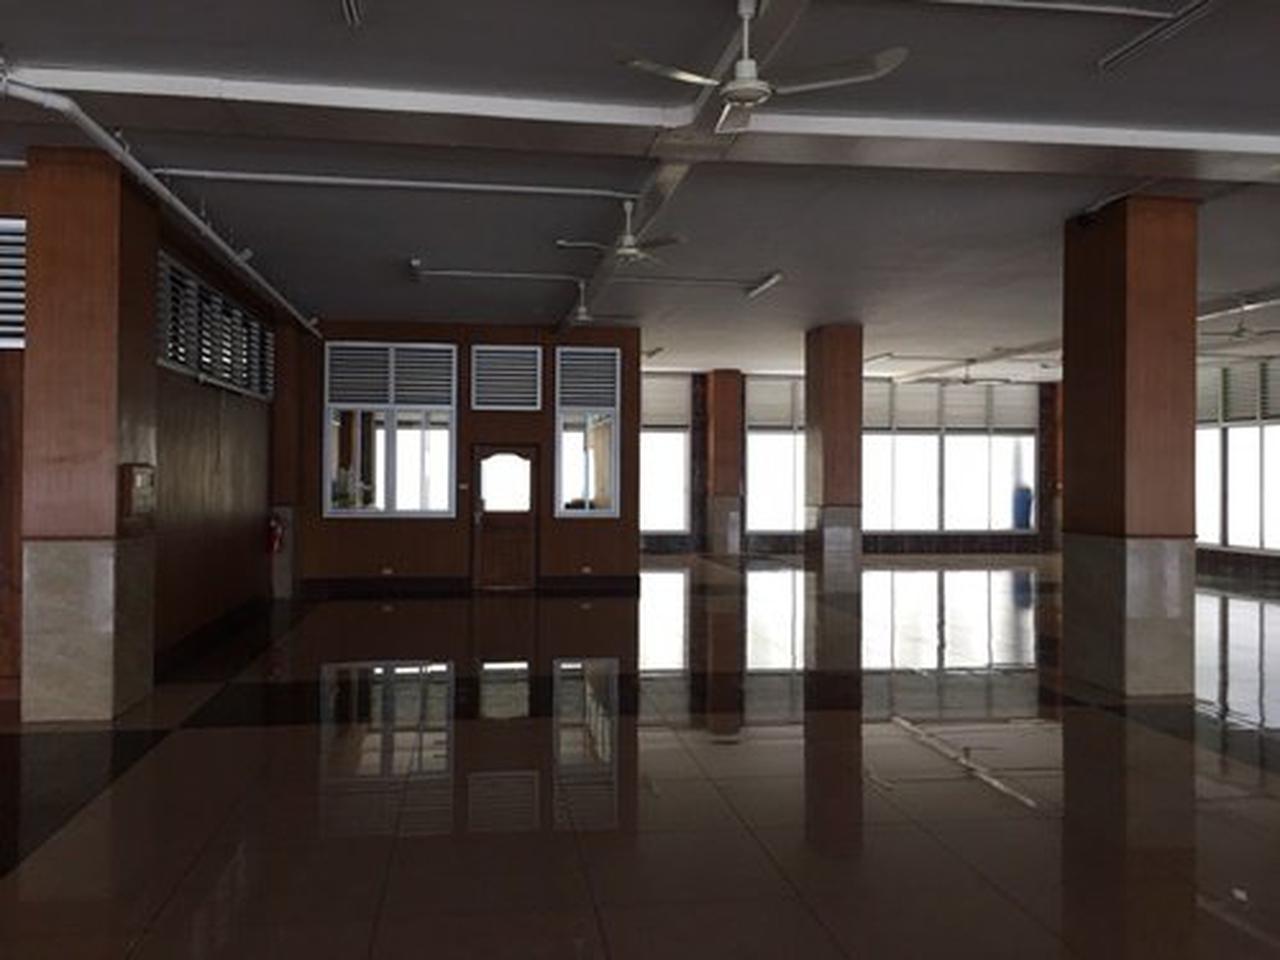 ให้เช่าพื้นที่อาคาร หงษ์ ทาวเวอร์ Hong Tower รูปที่ 5